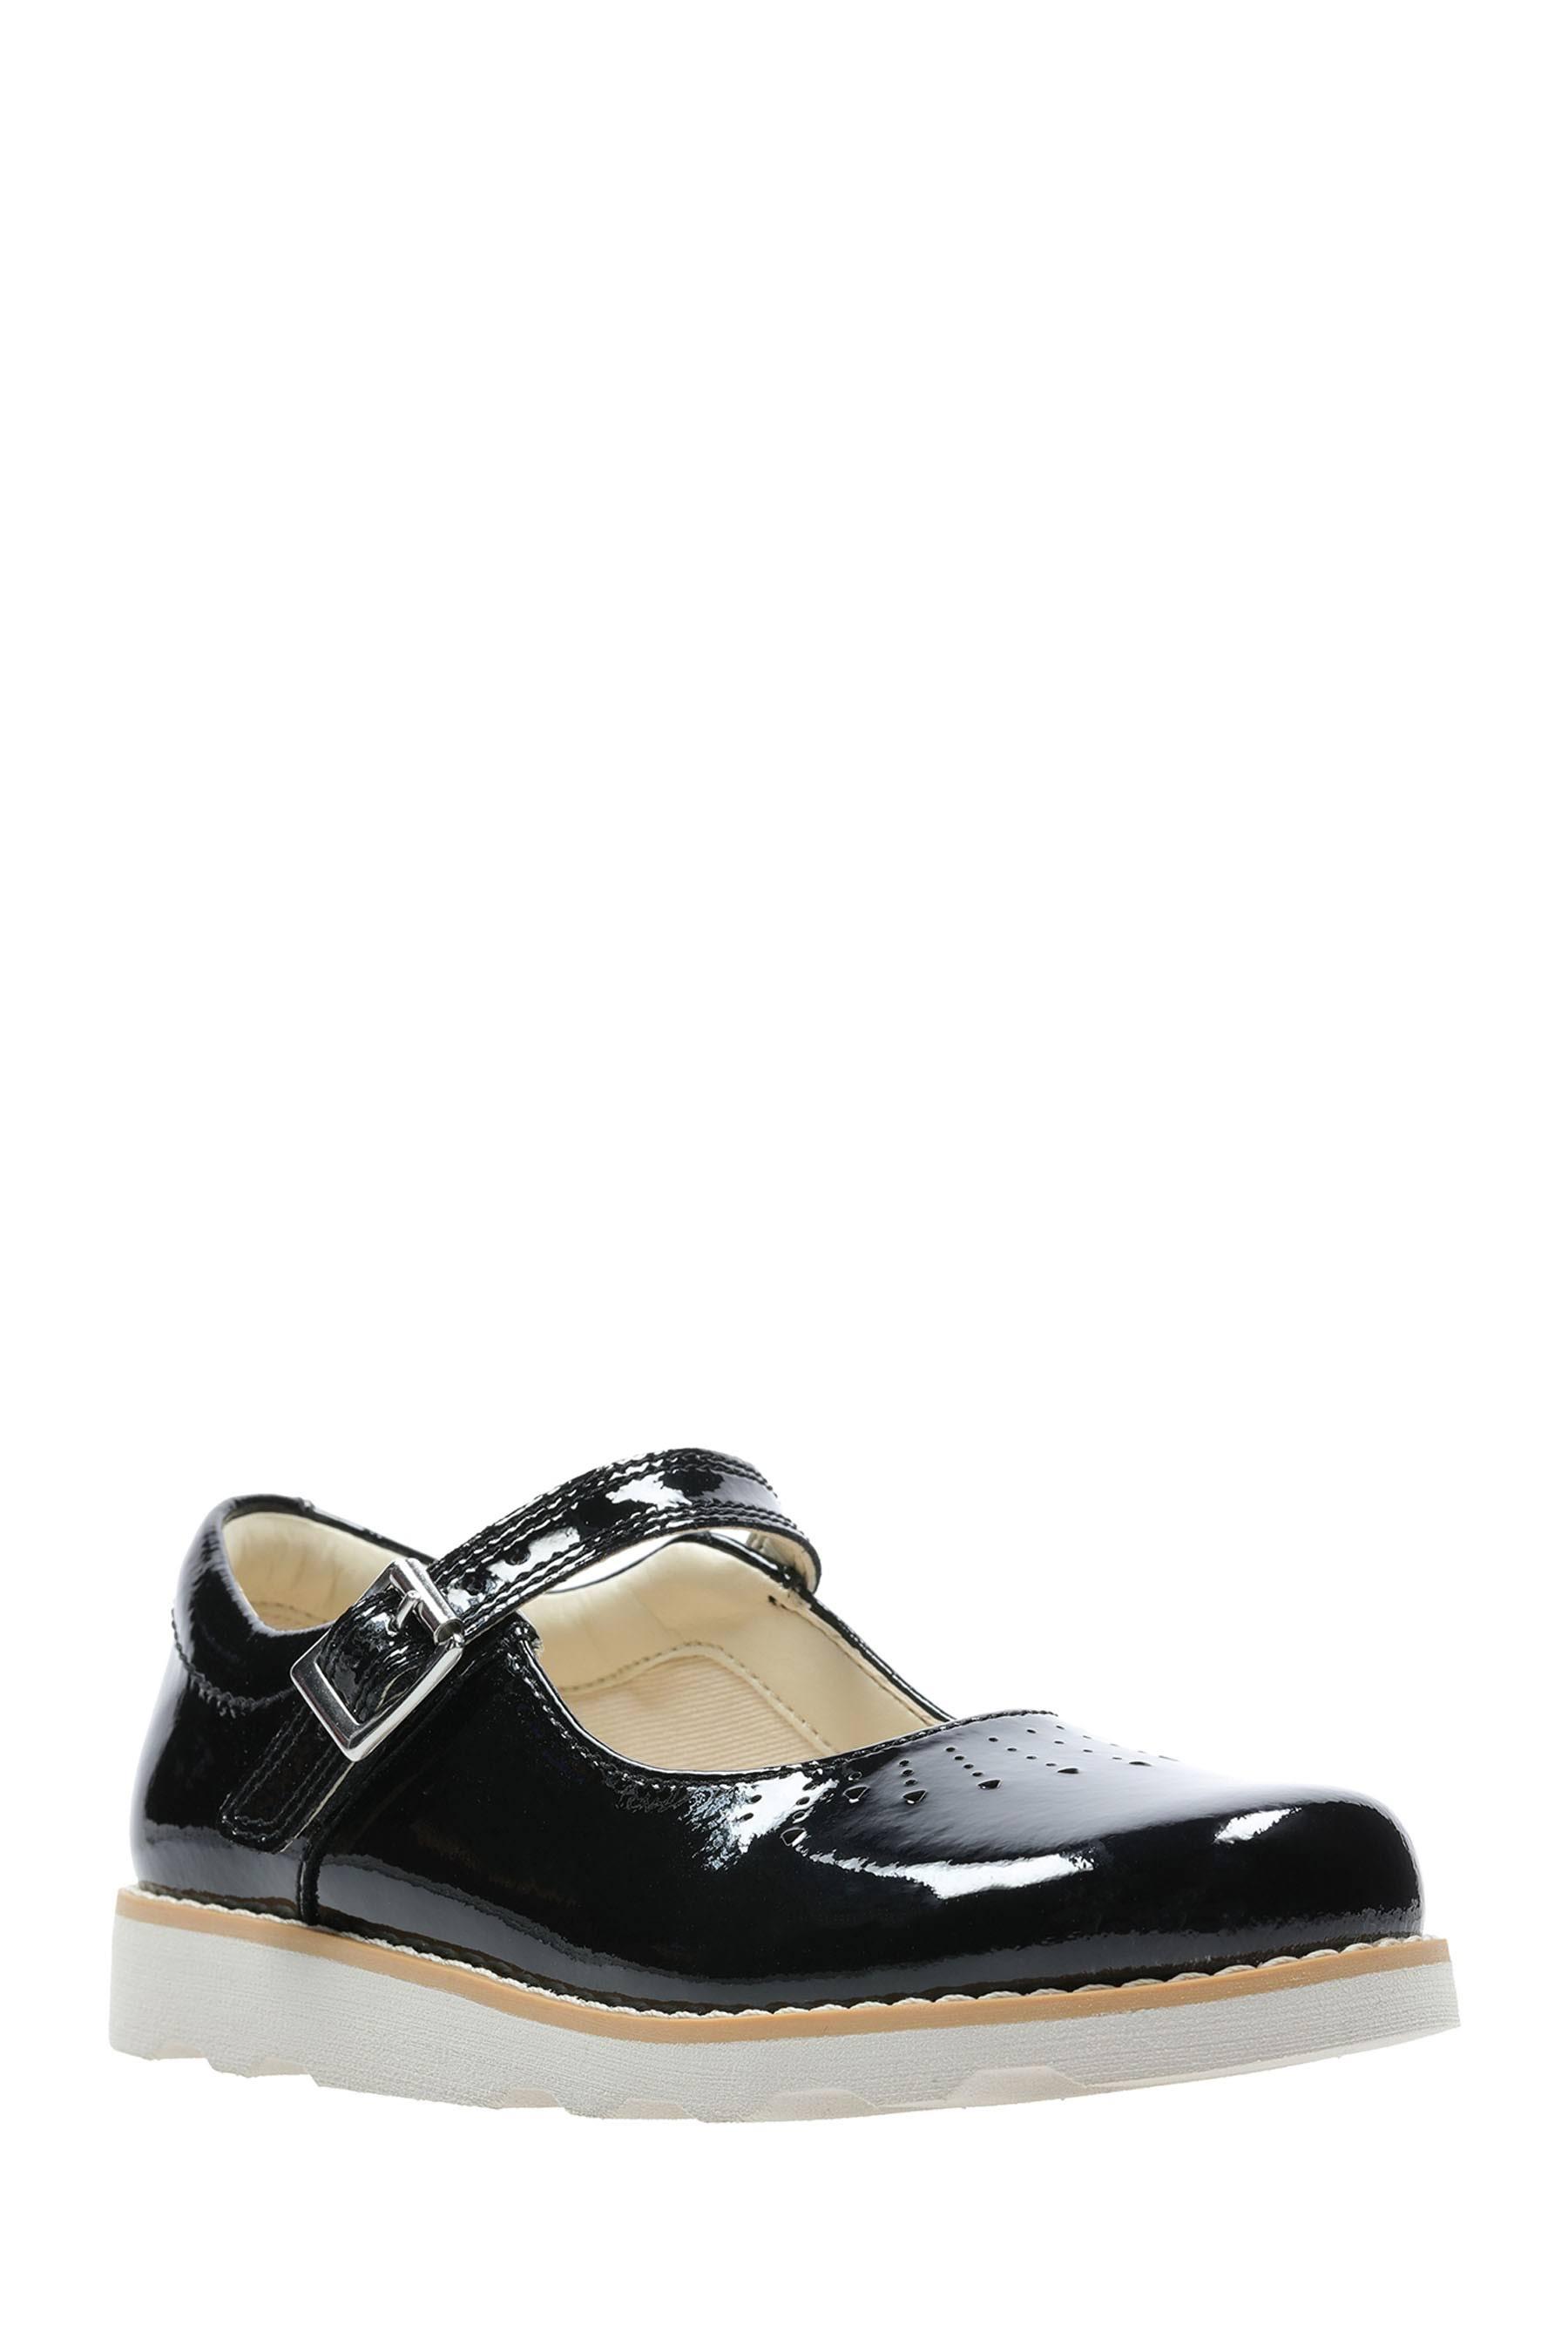 in 1 Kid synthetische Clarks schoenen Jump zwart Crown fit standaard maat m8nNwv0O